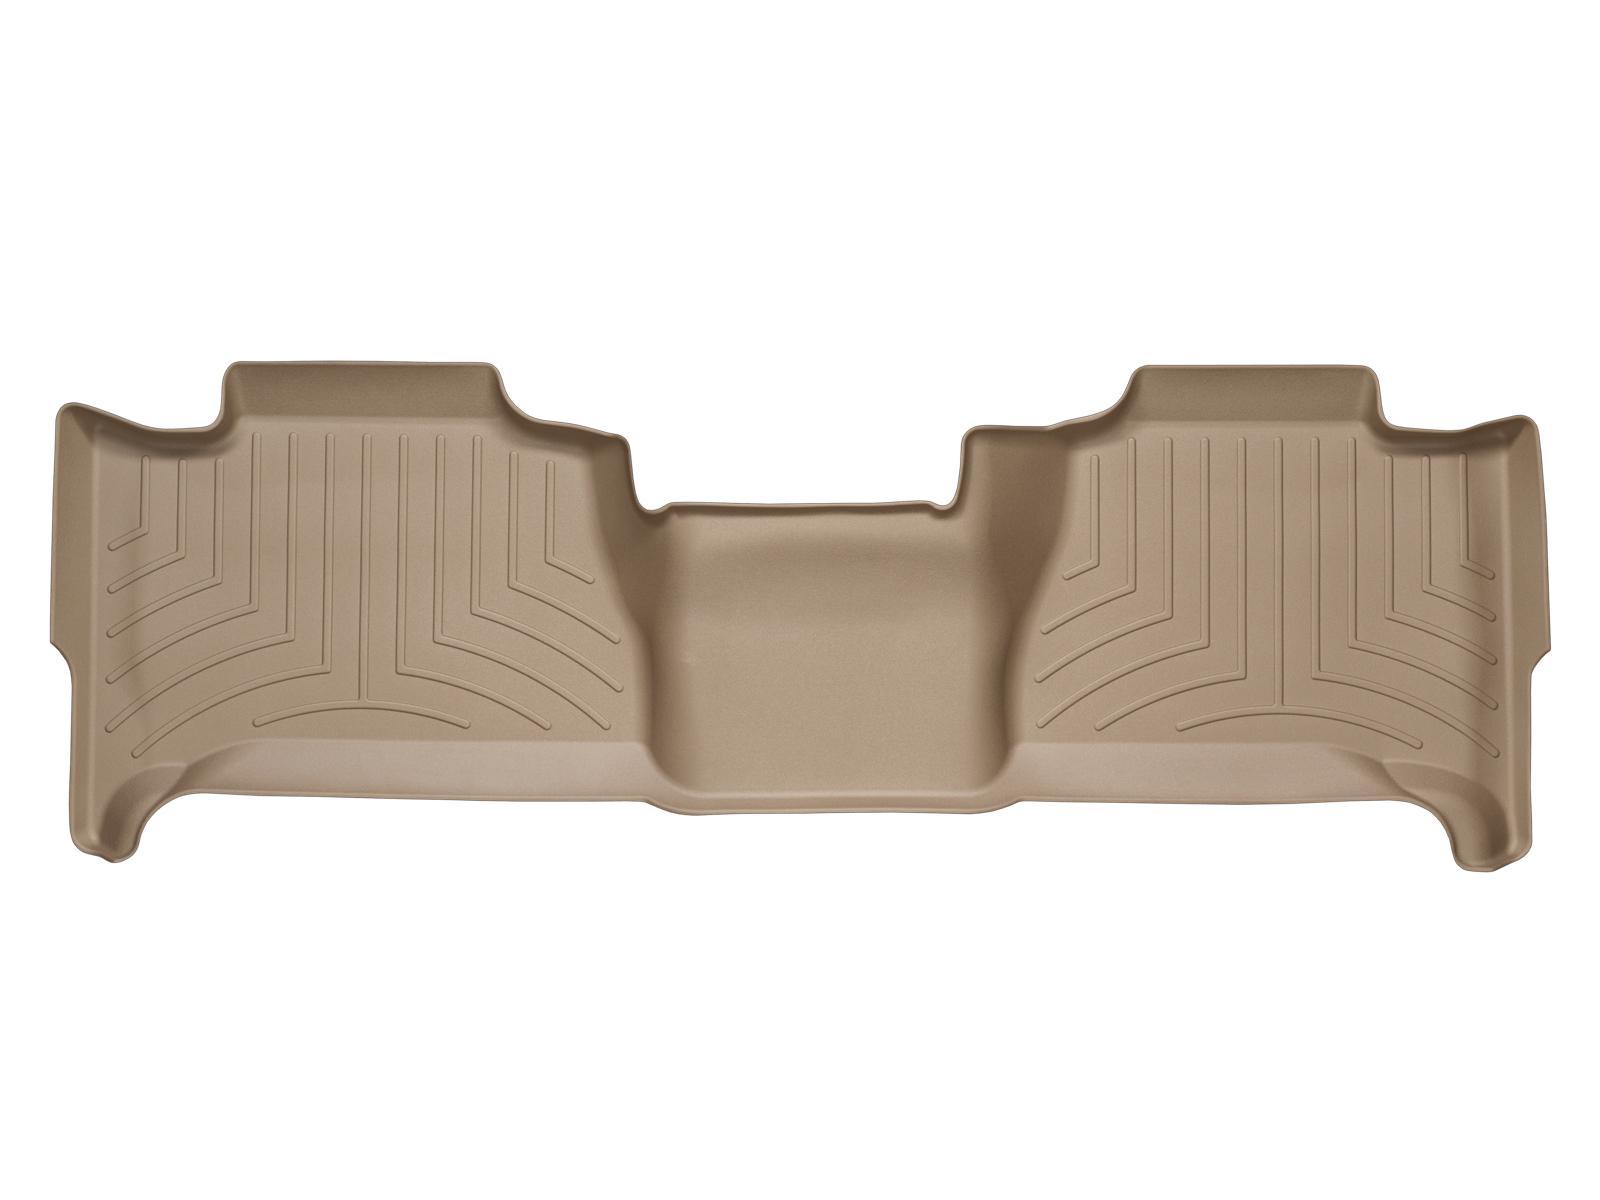 Tappeti gomma su misura bordo alto Cadillac Escalade 07>13 Marrone A18*